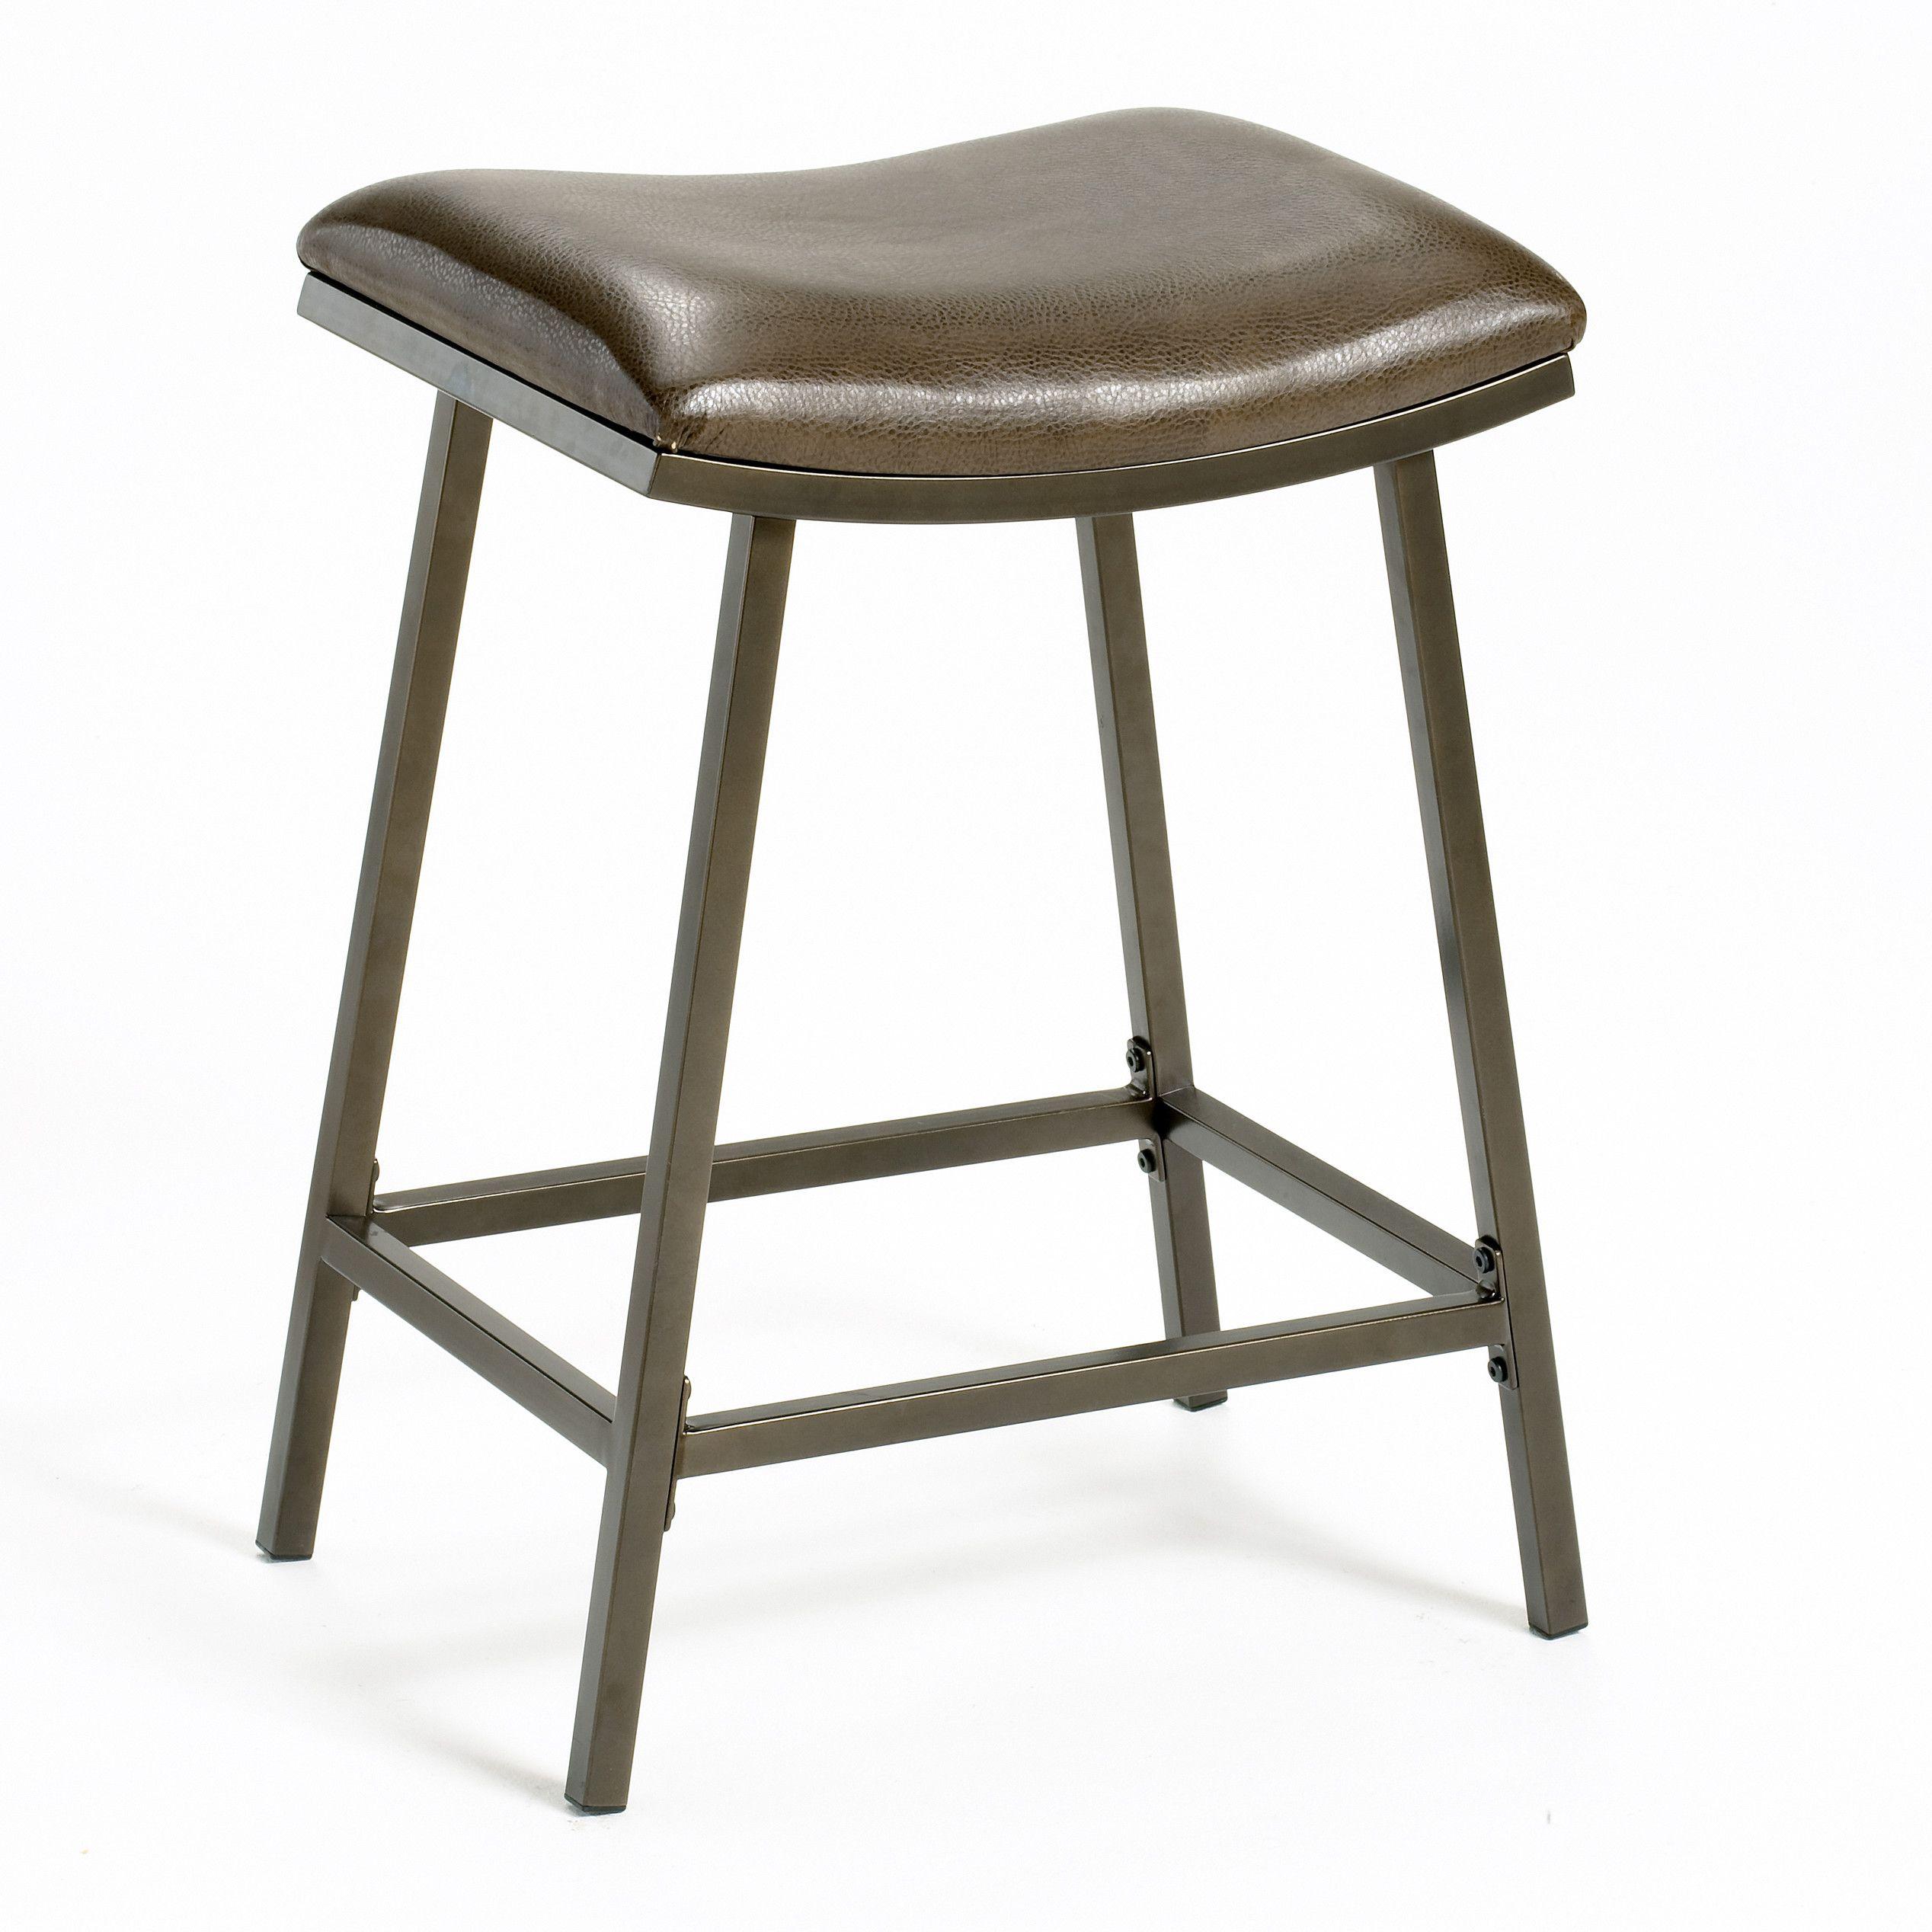 Proffitt Adjustable Height Bar Stool Adjustable Bar Stools